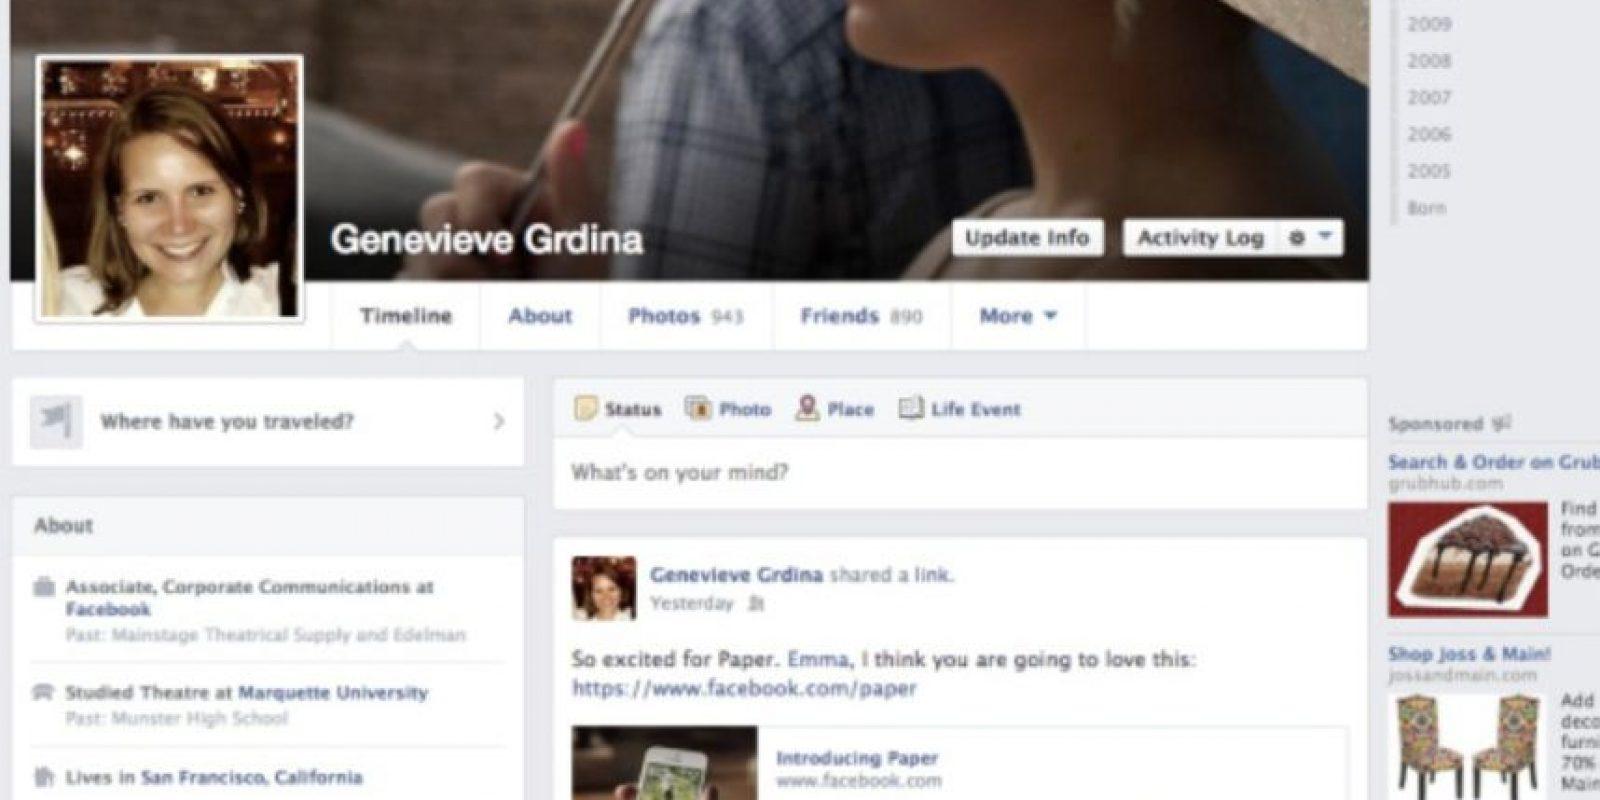 """2013-2014. Facebook introduce una aplicación llamada """"Paper"""" y se los colores se vuelven más sutiles. Foto:Vía Facebook"""